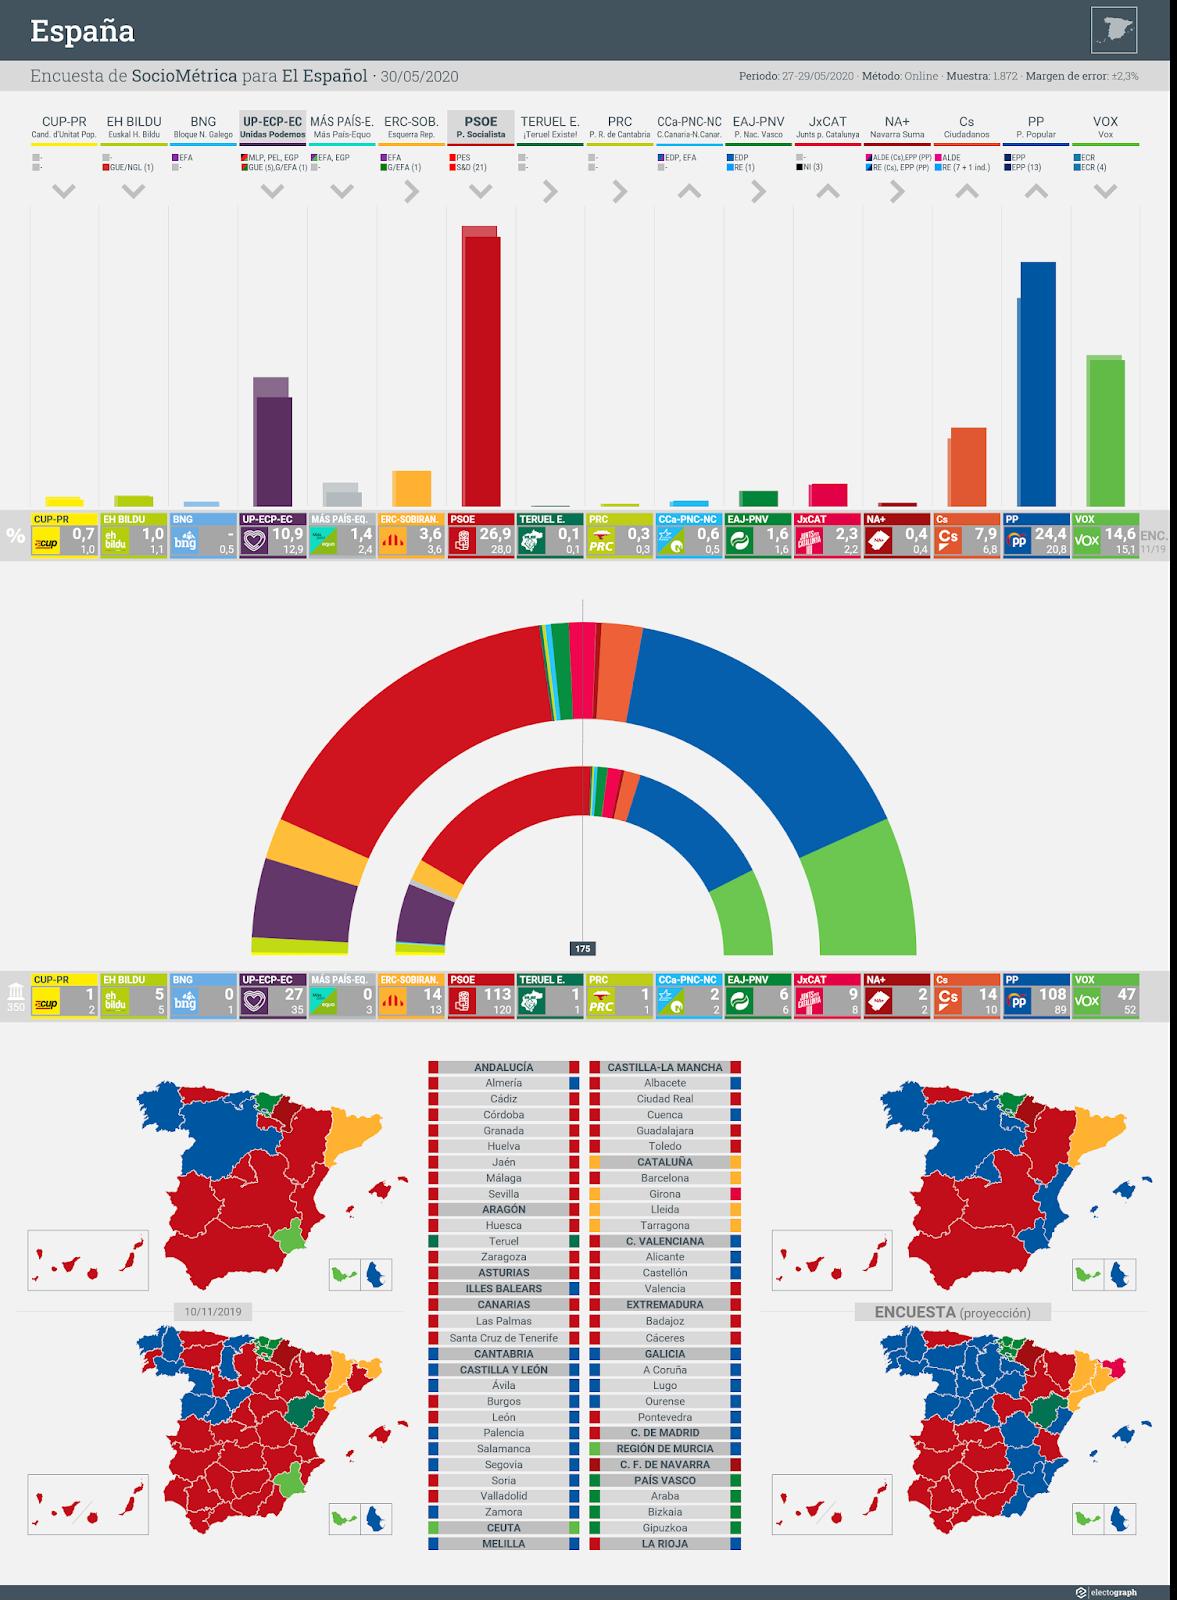 Gráfico de la encuesta para elecciones generales en España realizada por SocioMétrica para El Español, 30 de mayo de 2020